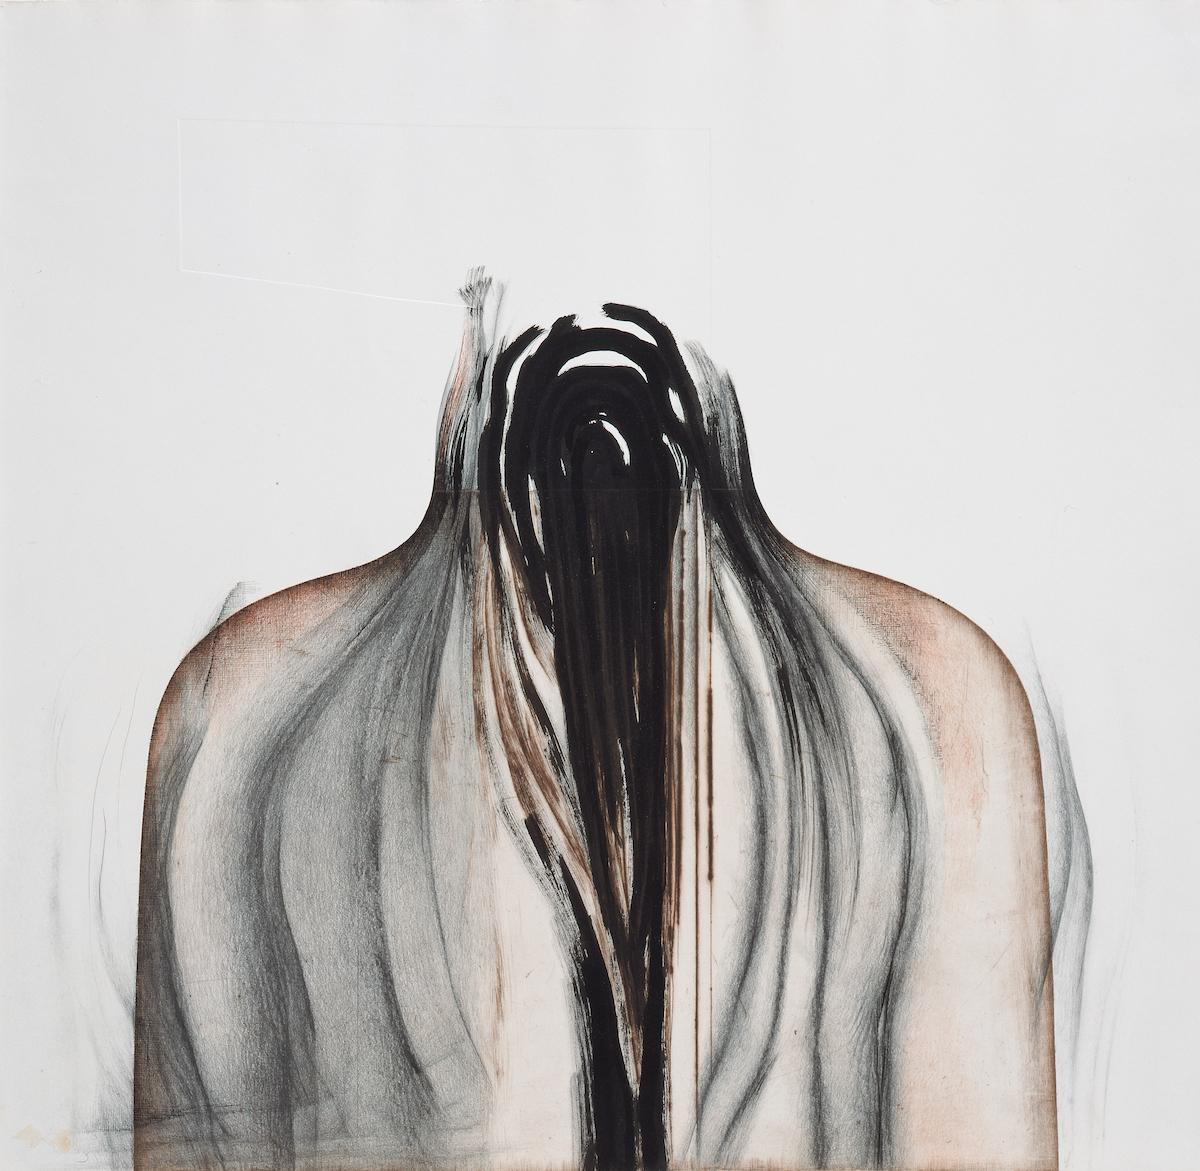 Utstillingen Zdenka Rusova. Grafikkens nestor. åpner på Sørlandets Kunstmuseum 7.desember 2019 og står til 01.mars 2020.